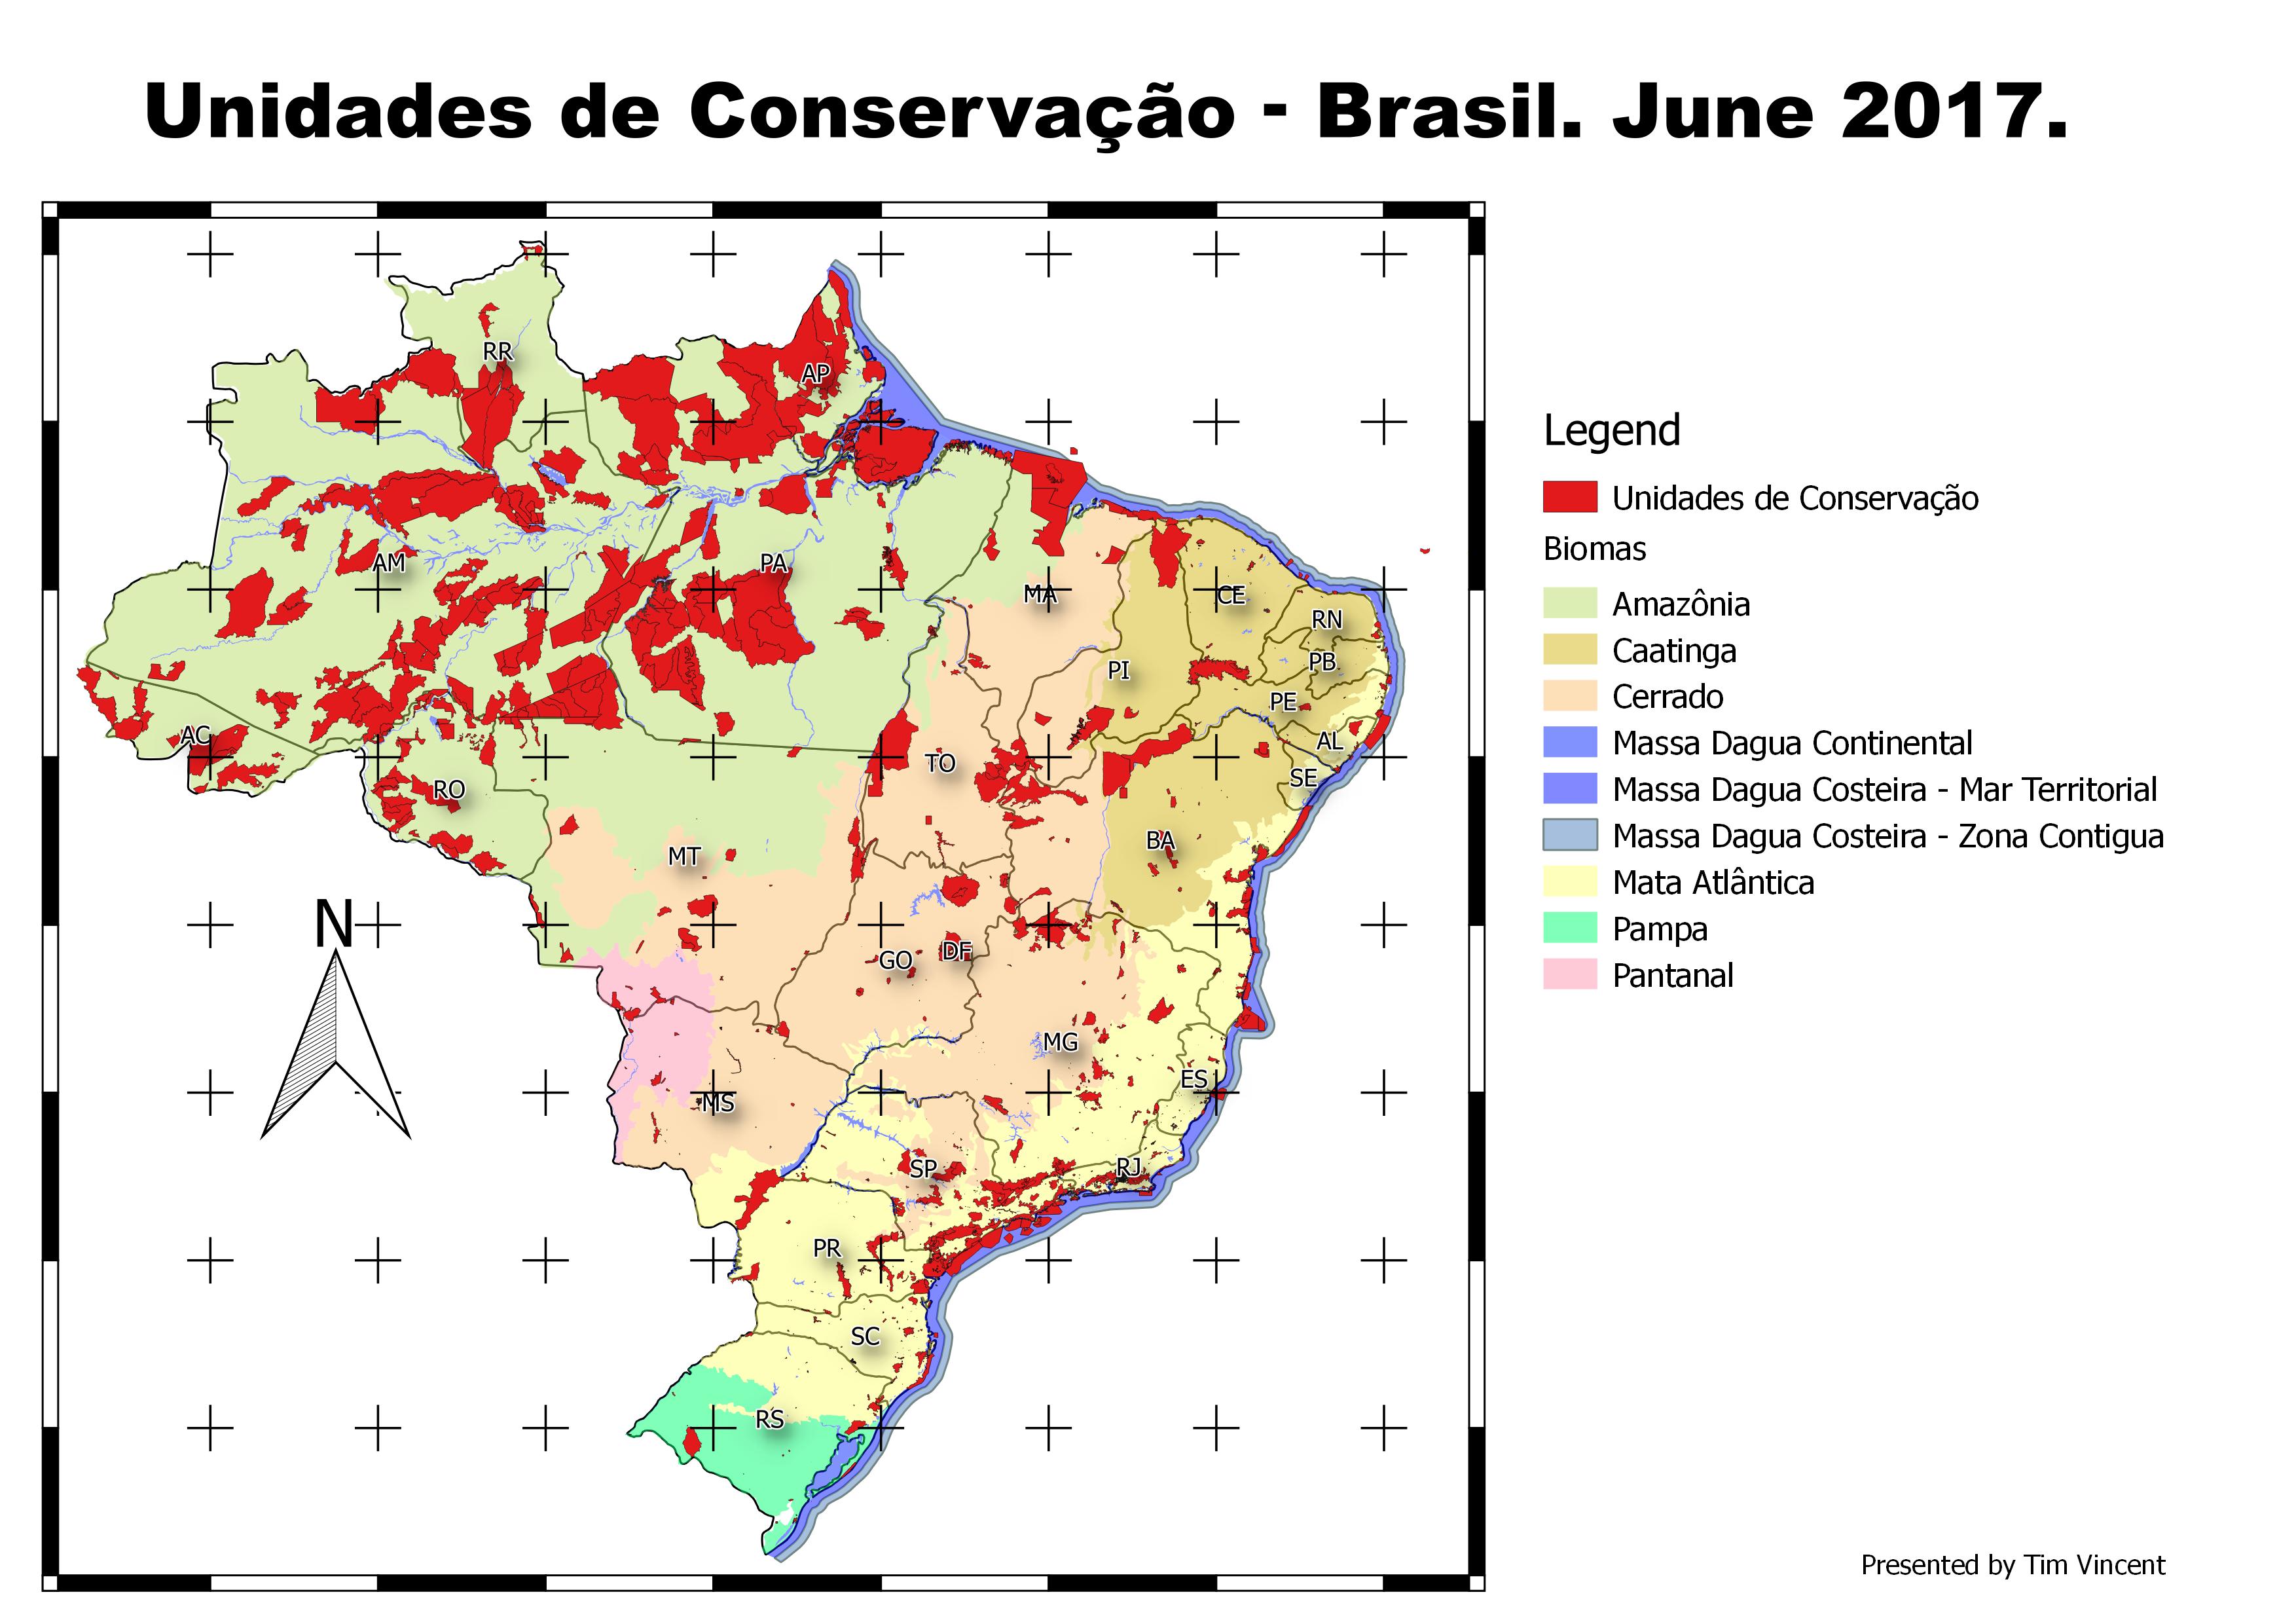 Unidades de Conservação Brasil 2017